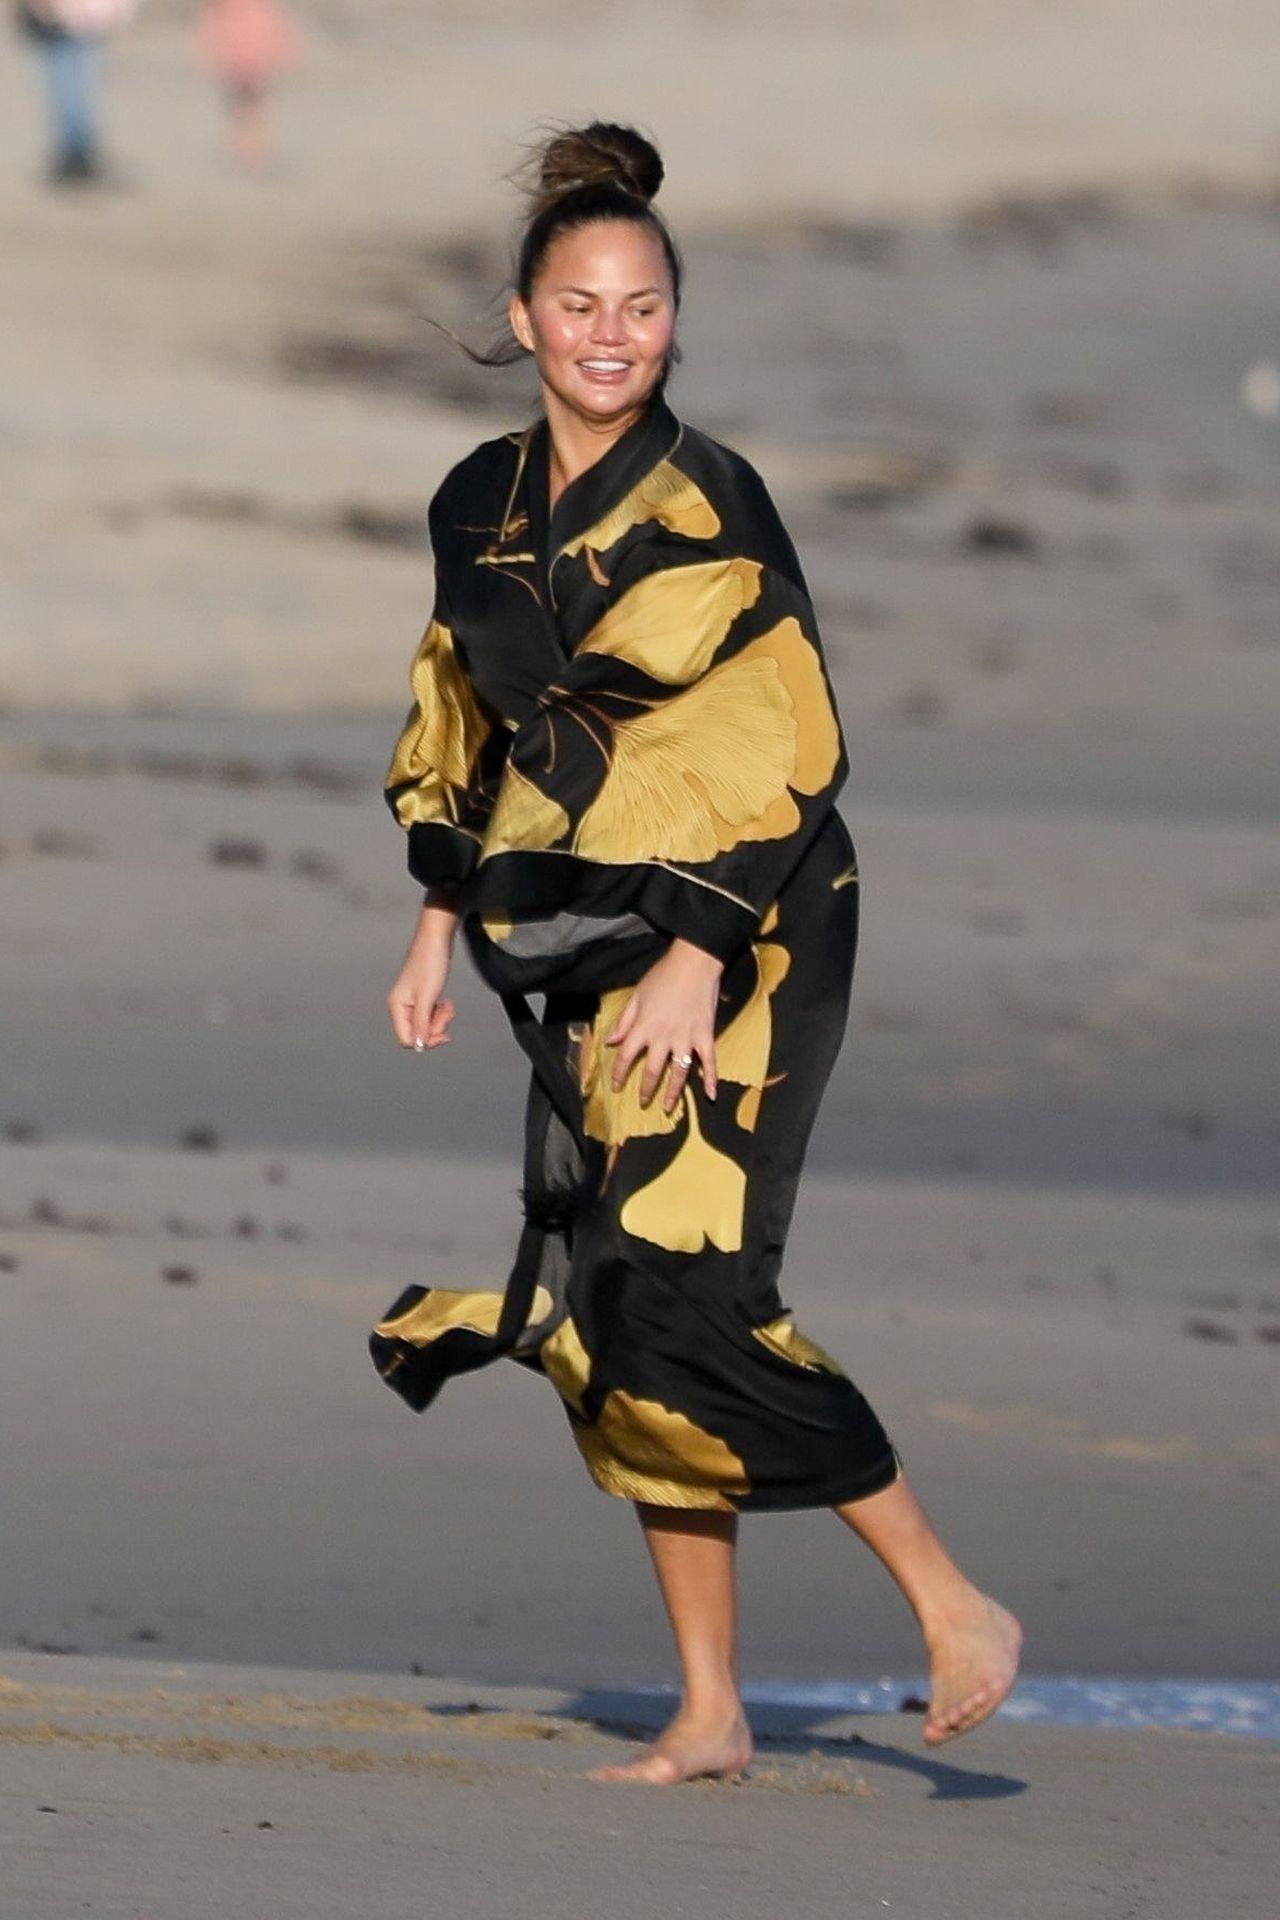 Chrissy Teigen Enjoys A Beach Day In Malibu Amid All Coronavirus Chaos 0001